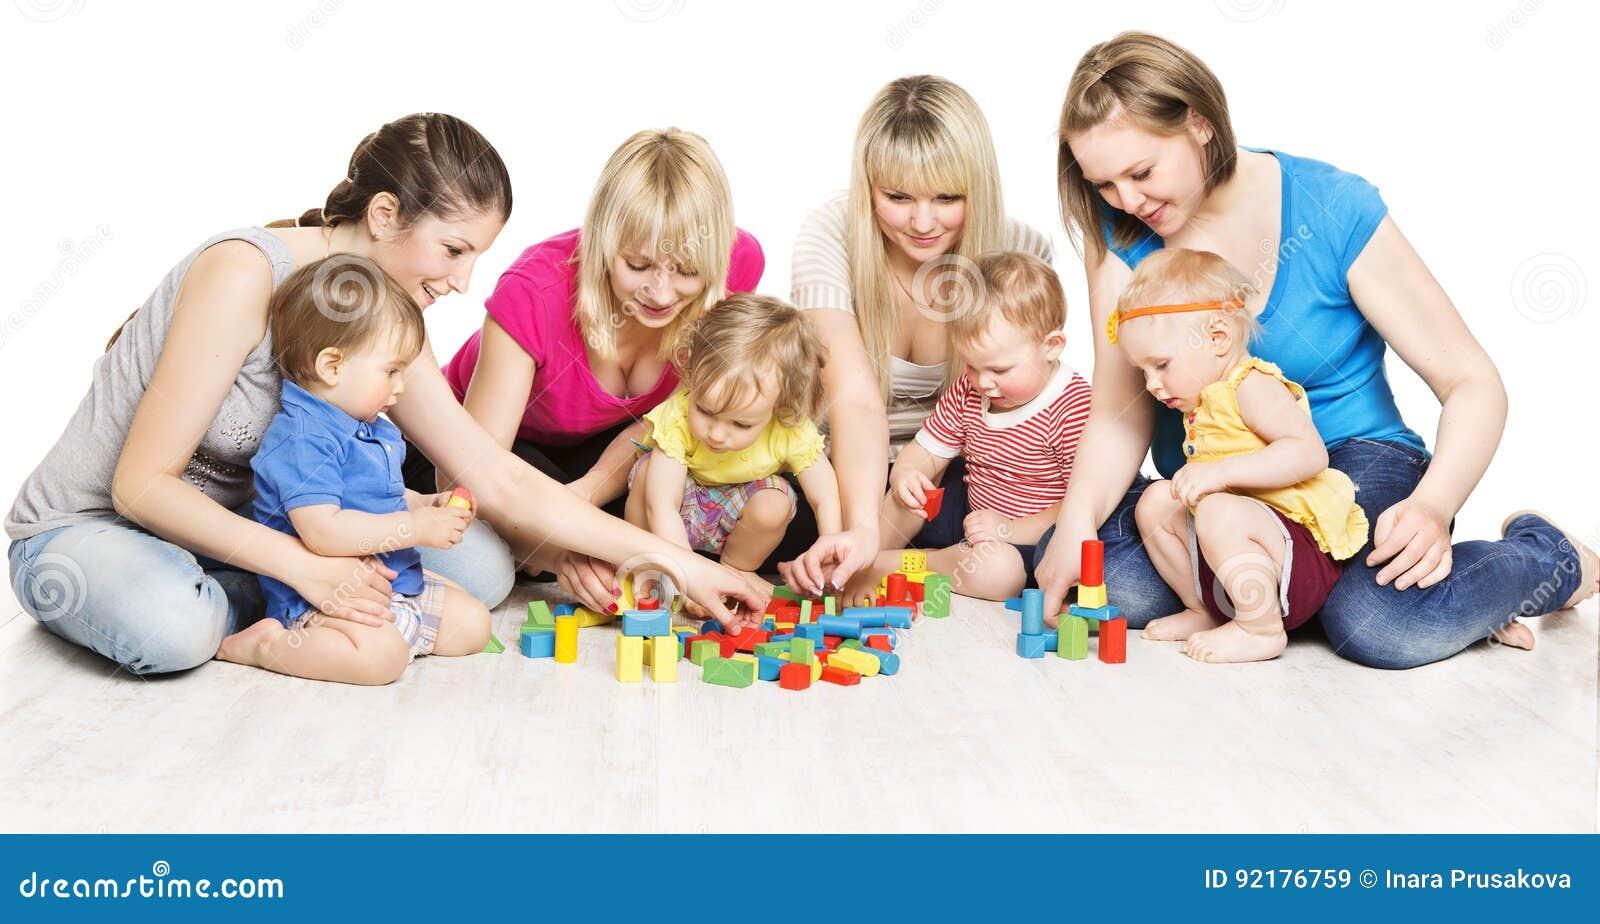 Παιχνίδια παιχνιδιού μητέρων και ομάδας παιδιών, παιχνίδι μητέρων με το μωρό